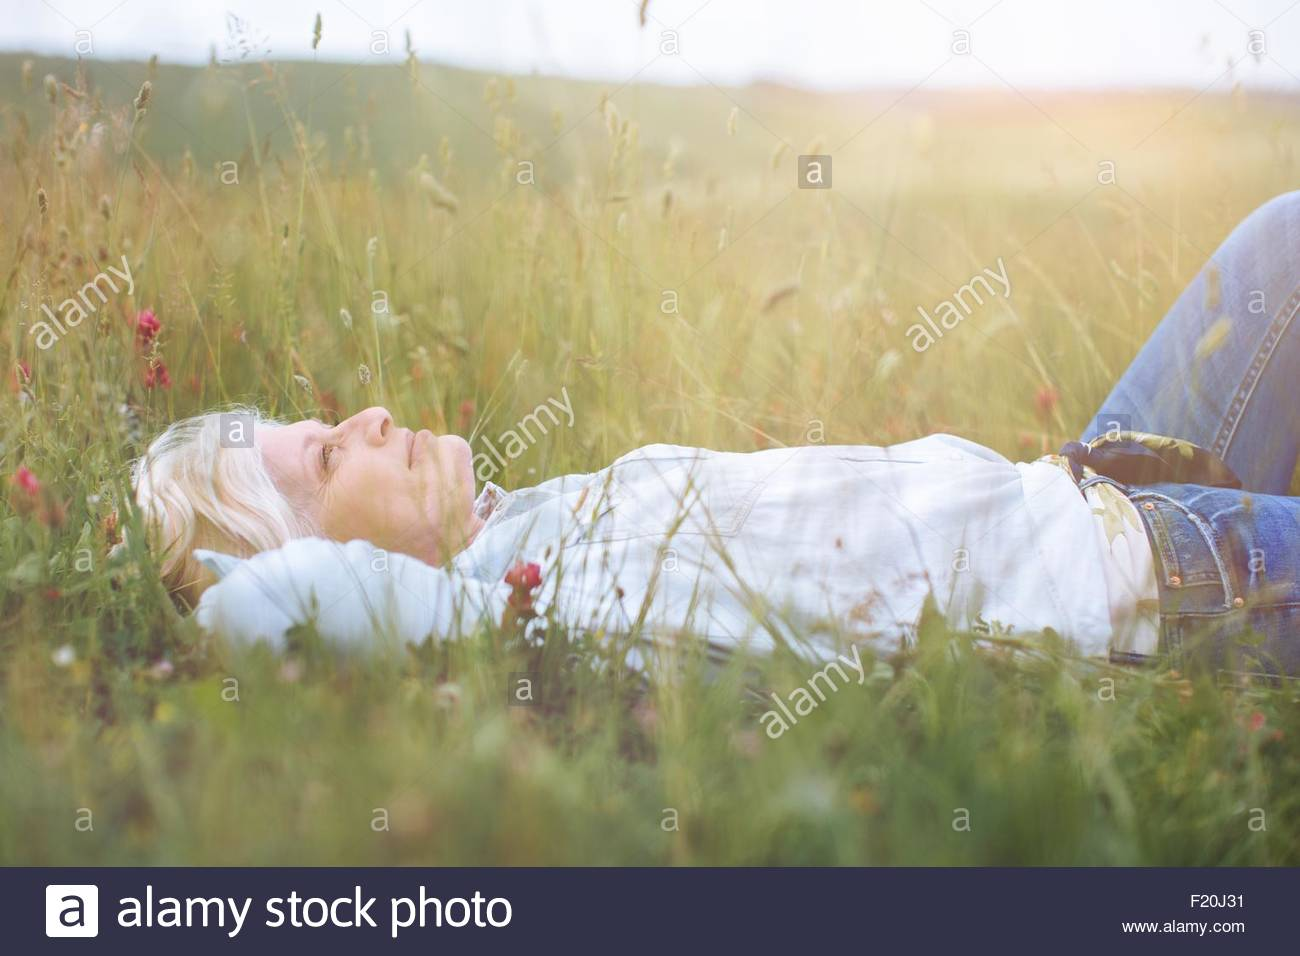 Femme mature repose dans l'herbe haute, Toscane, Italie Photo Stock